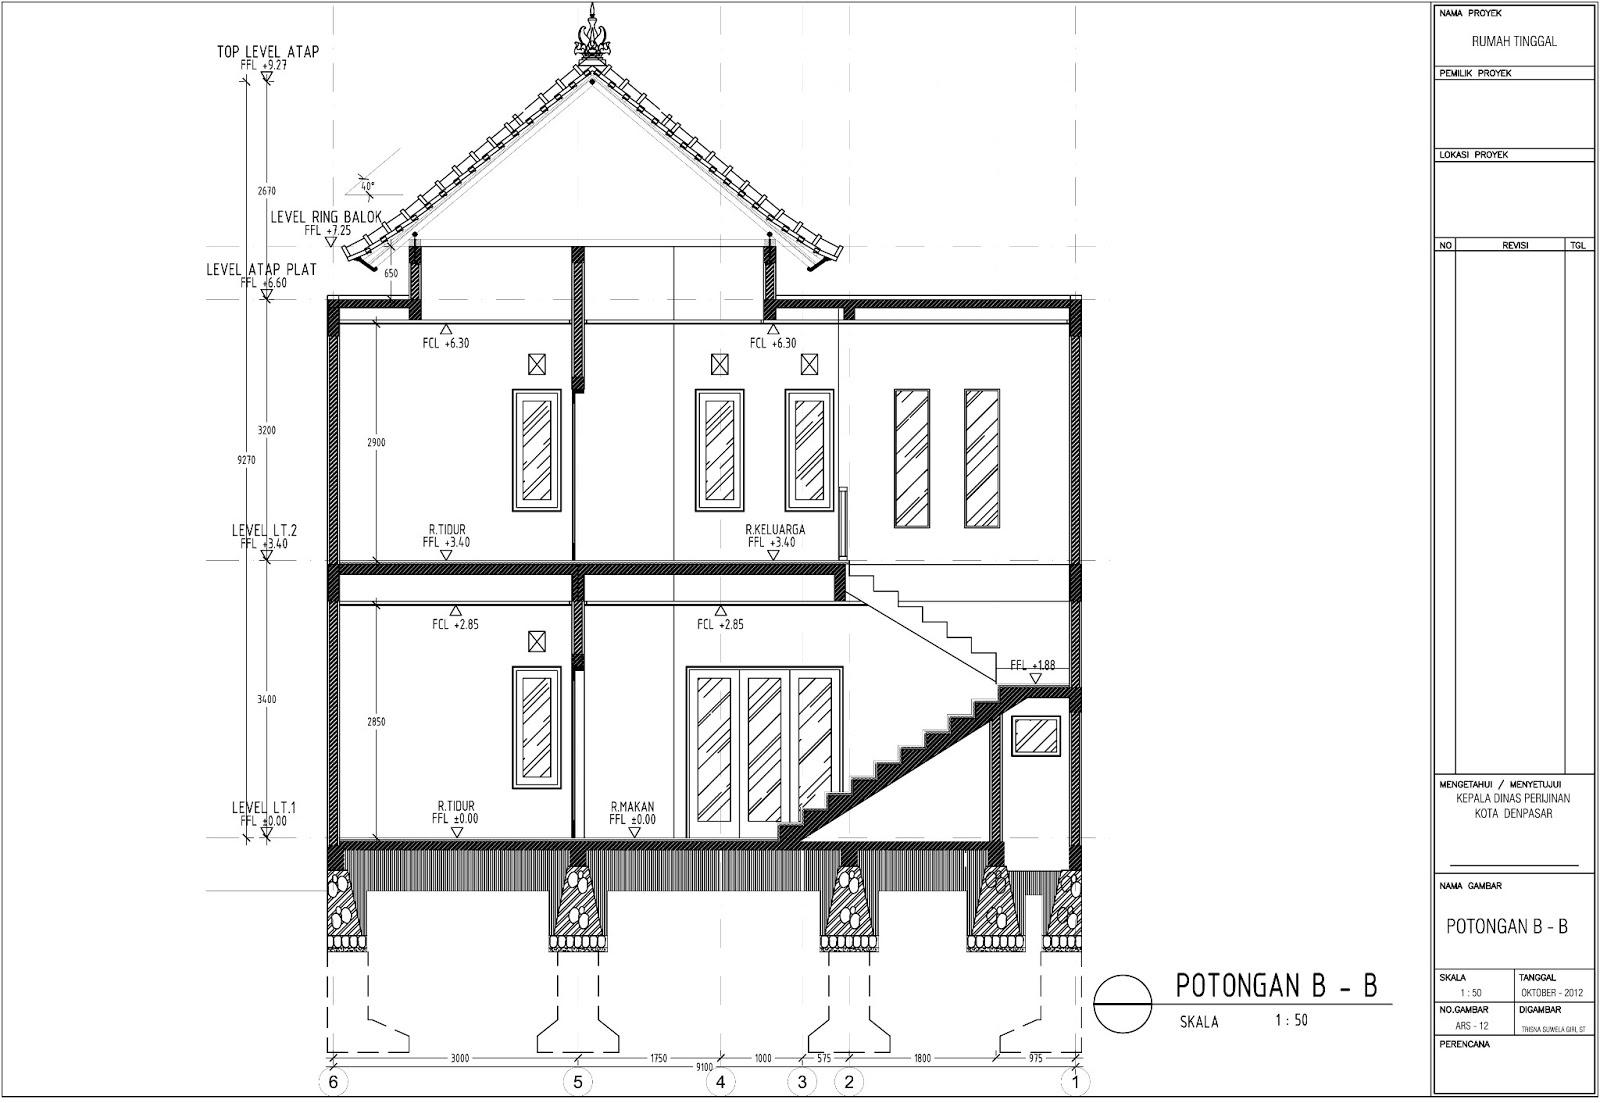 gambar imb rumah tinggal tipe 120 m2 di denpasar tsg